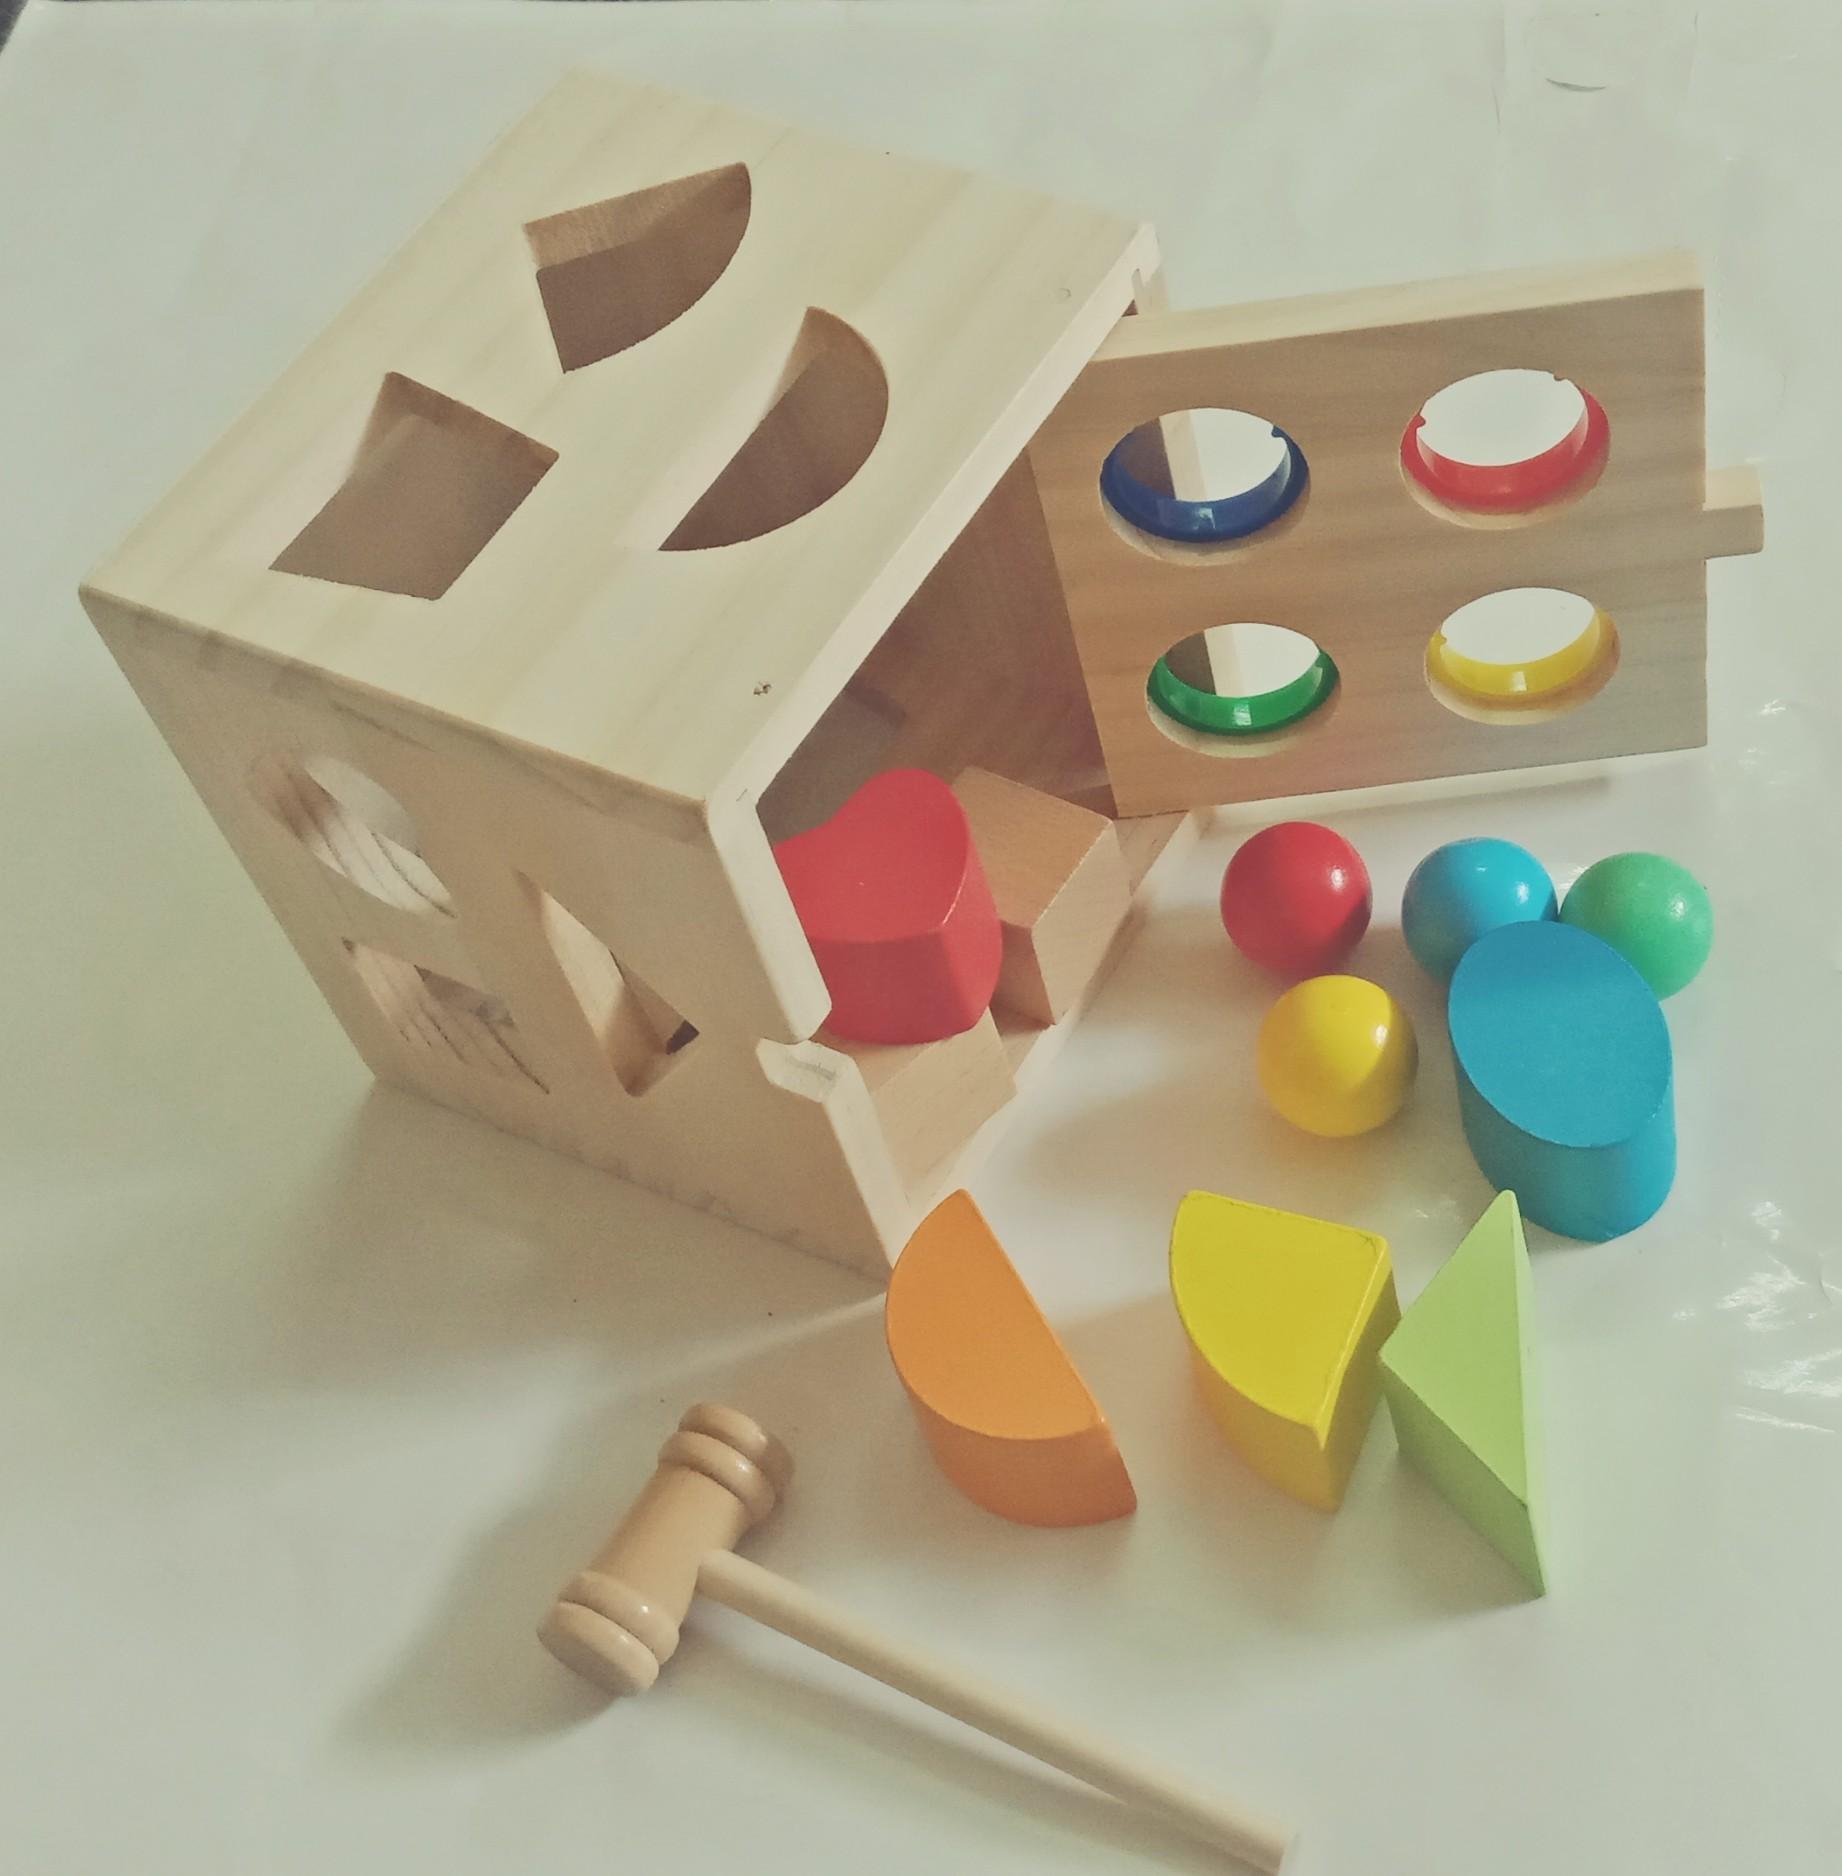 Đồ chơi hộp gỗ thông minh thả khối hình học kết hợp đập bóng